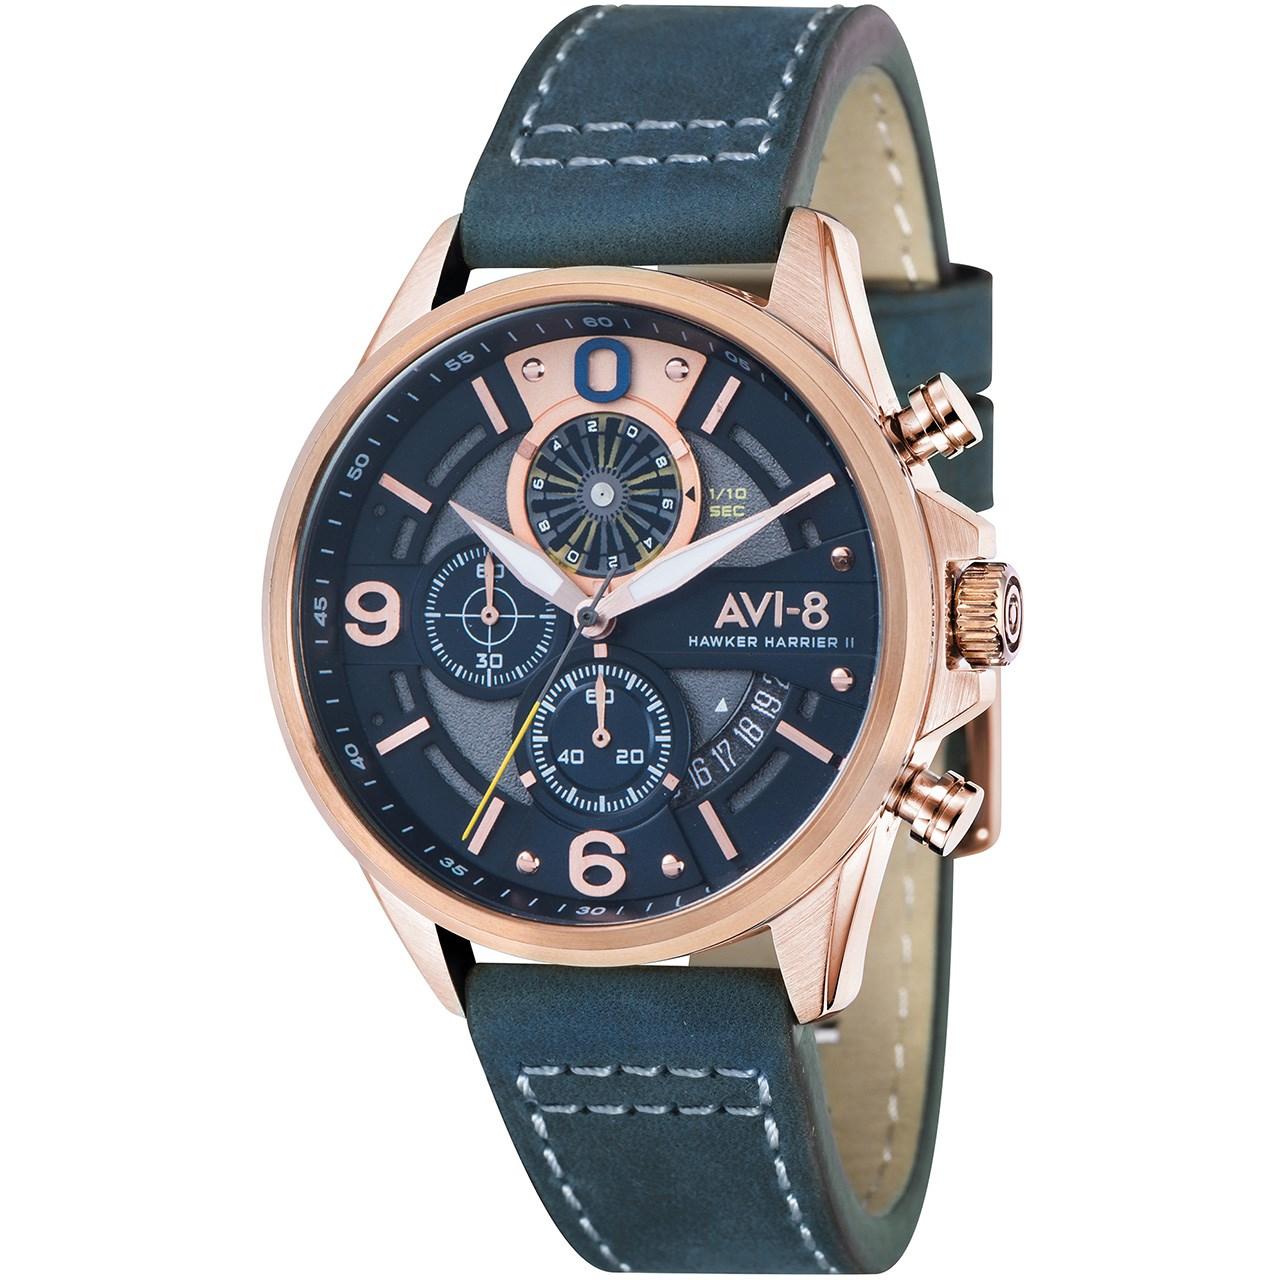 ساعت مچی عقربه ای مردانه ای وی-8 مدل AV-4051-04